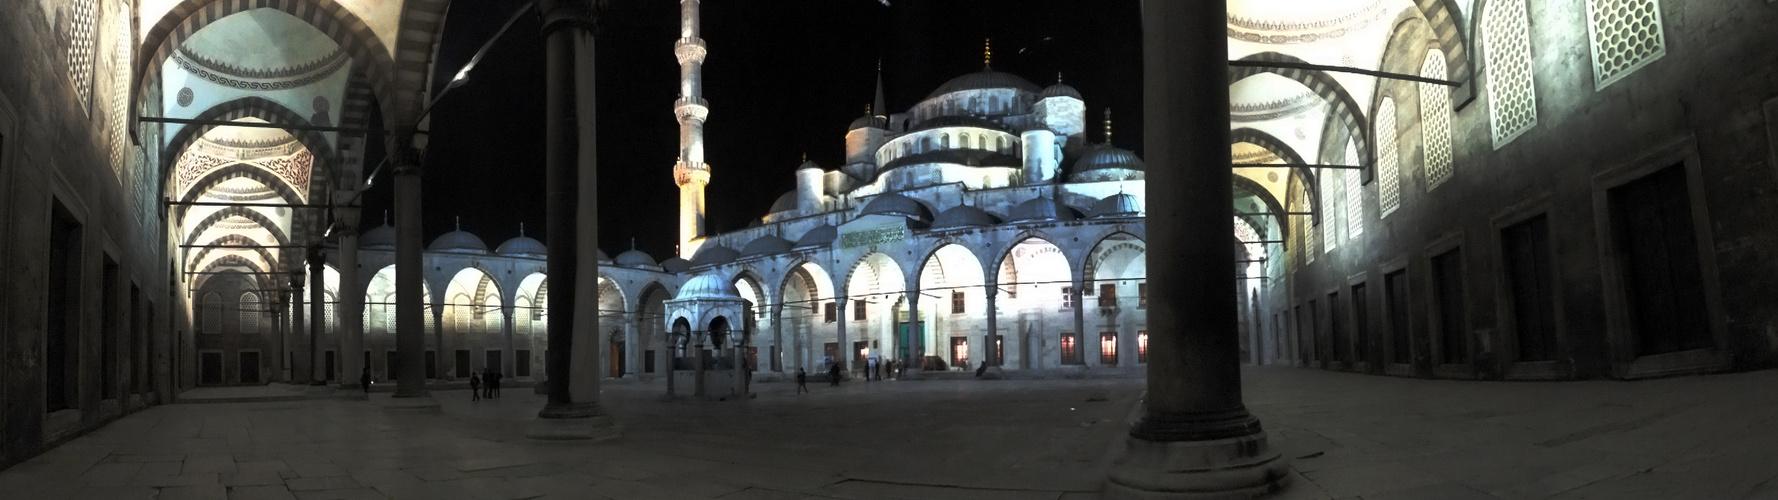 Blaue Moschee, Innenhof